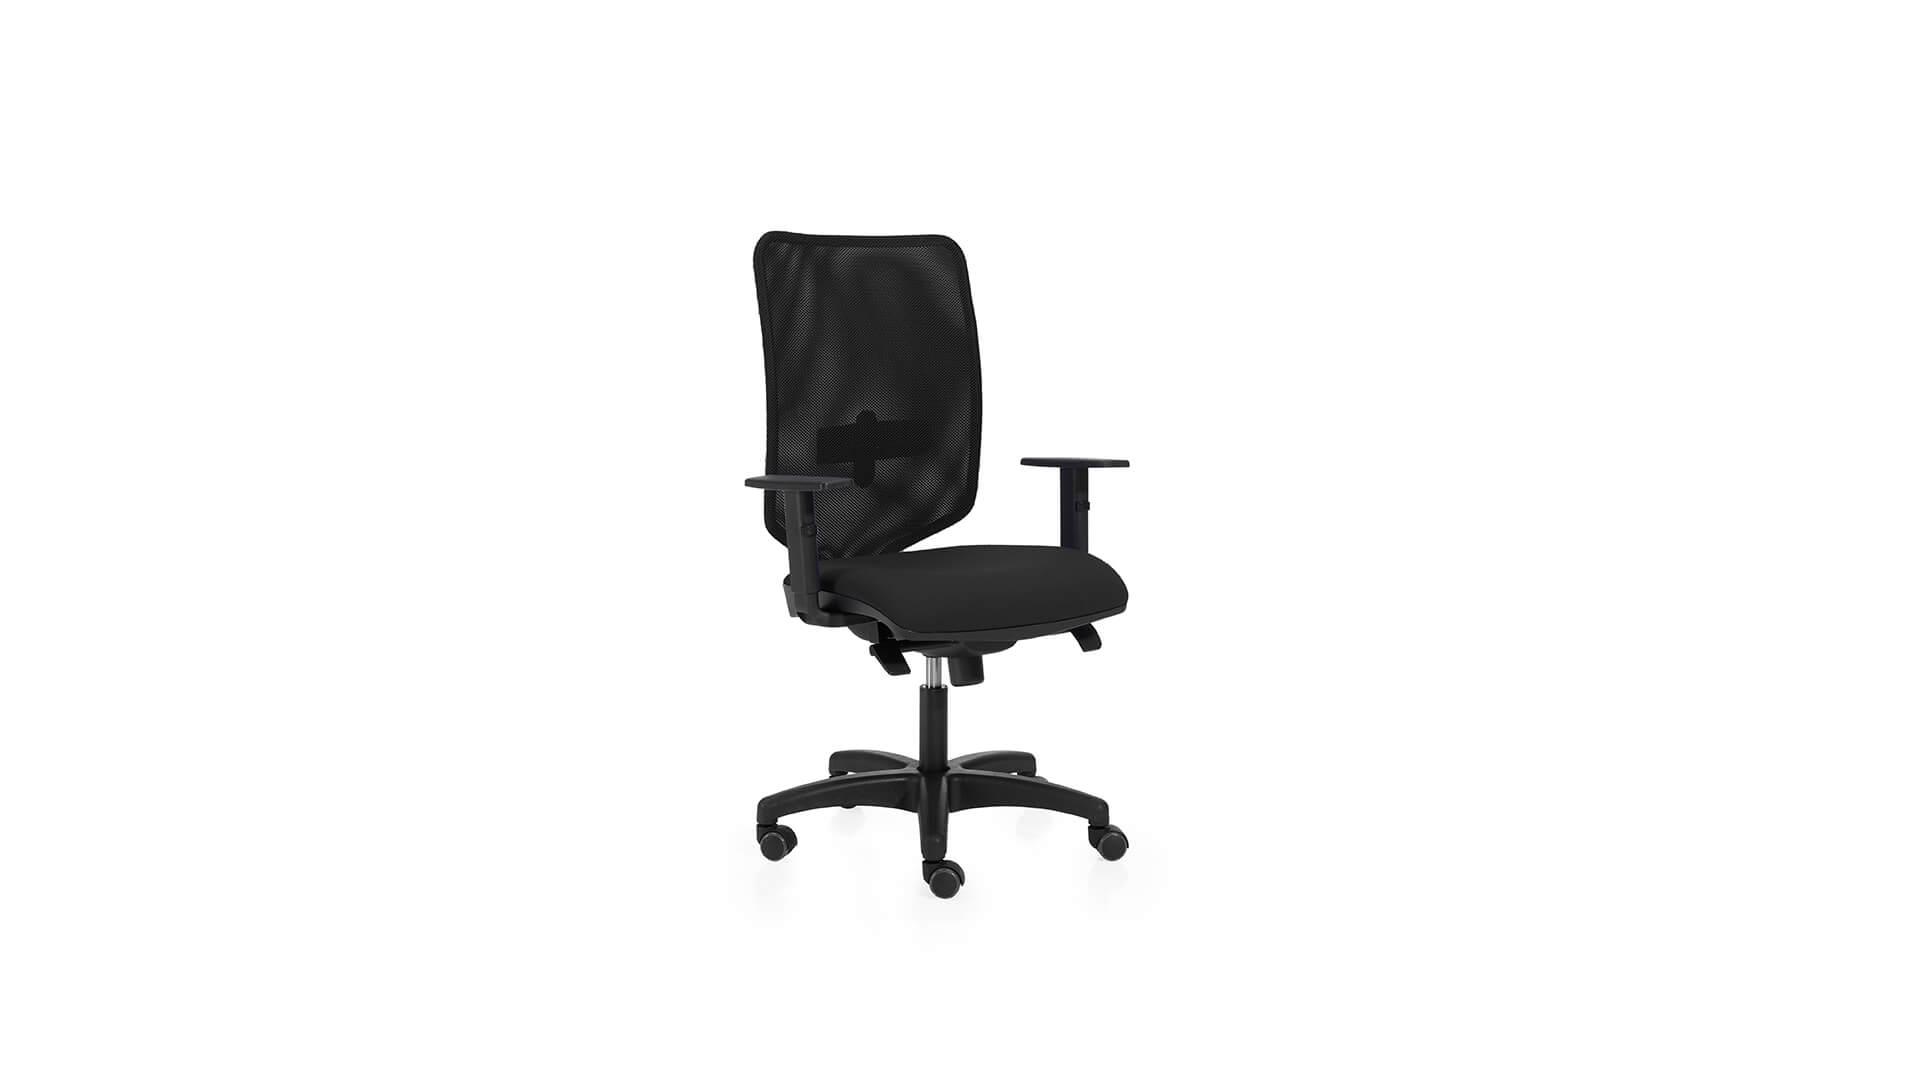 Silla ergonomica ligera en color negro